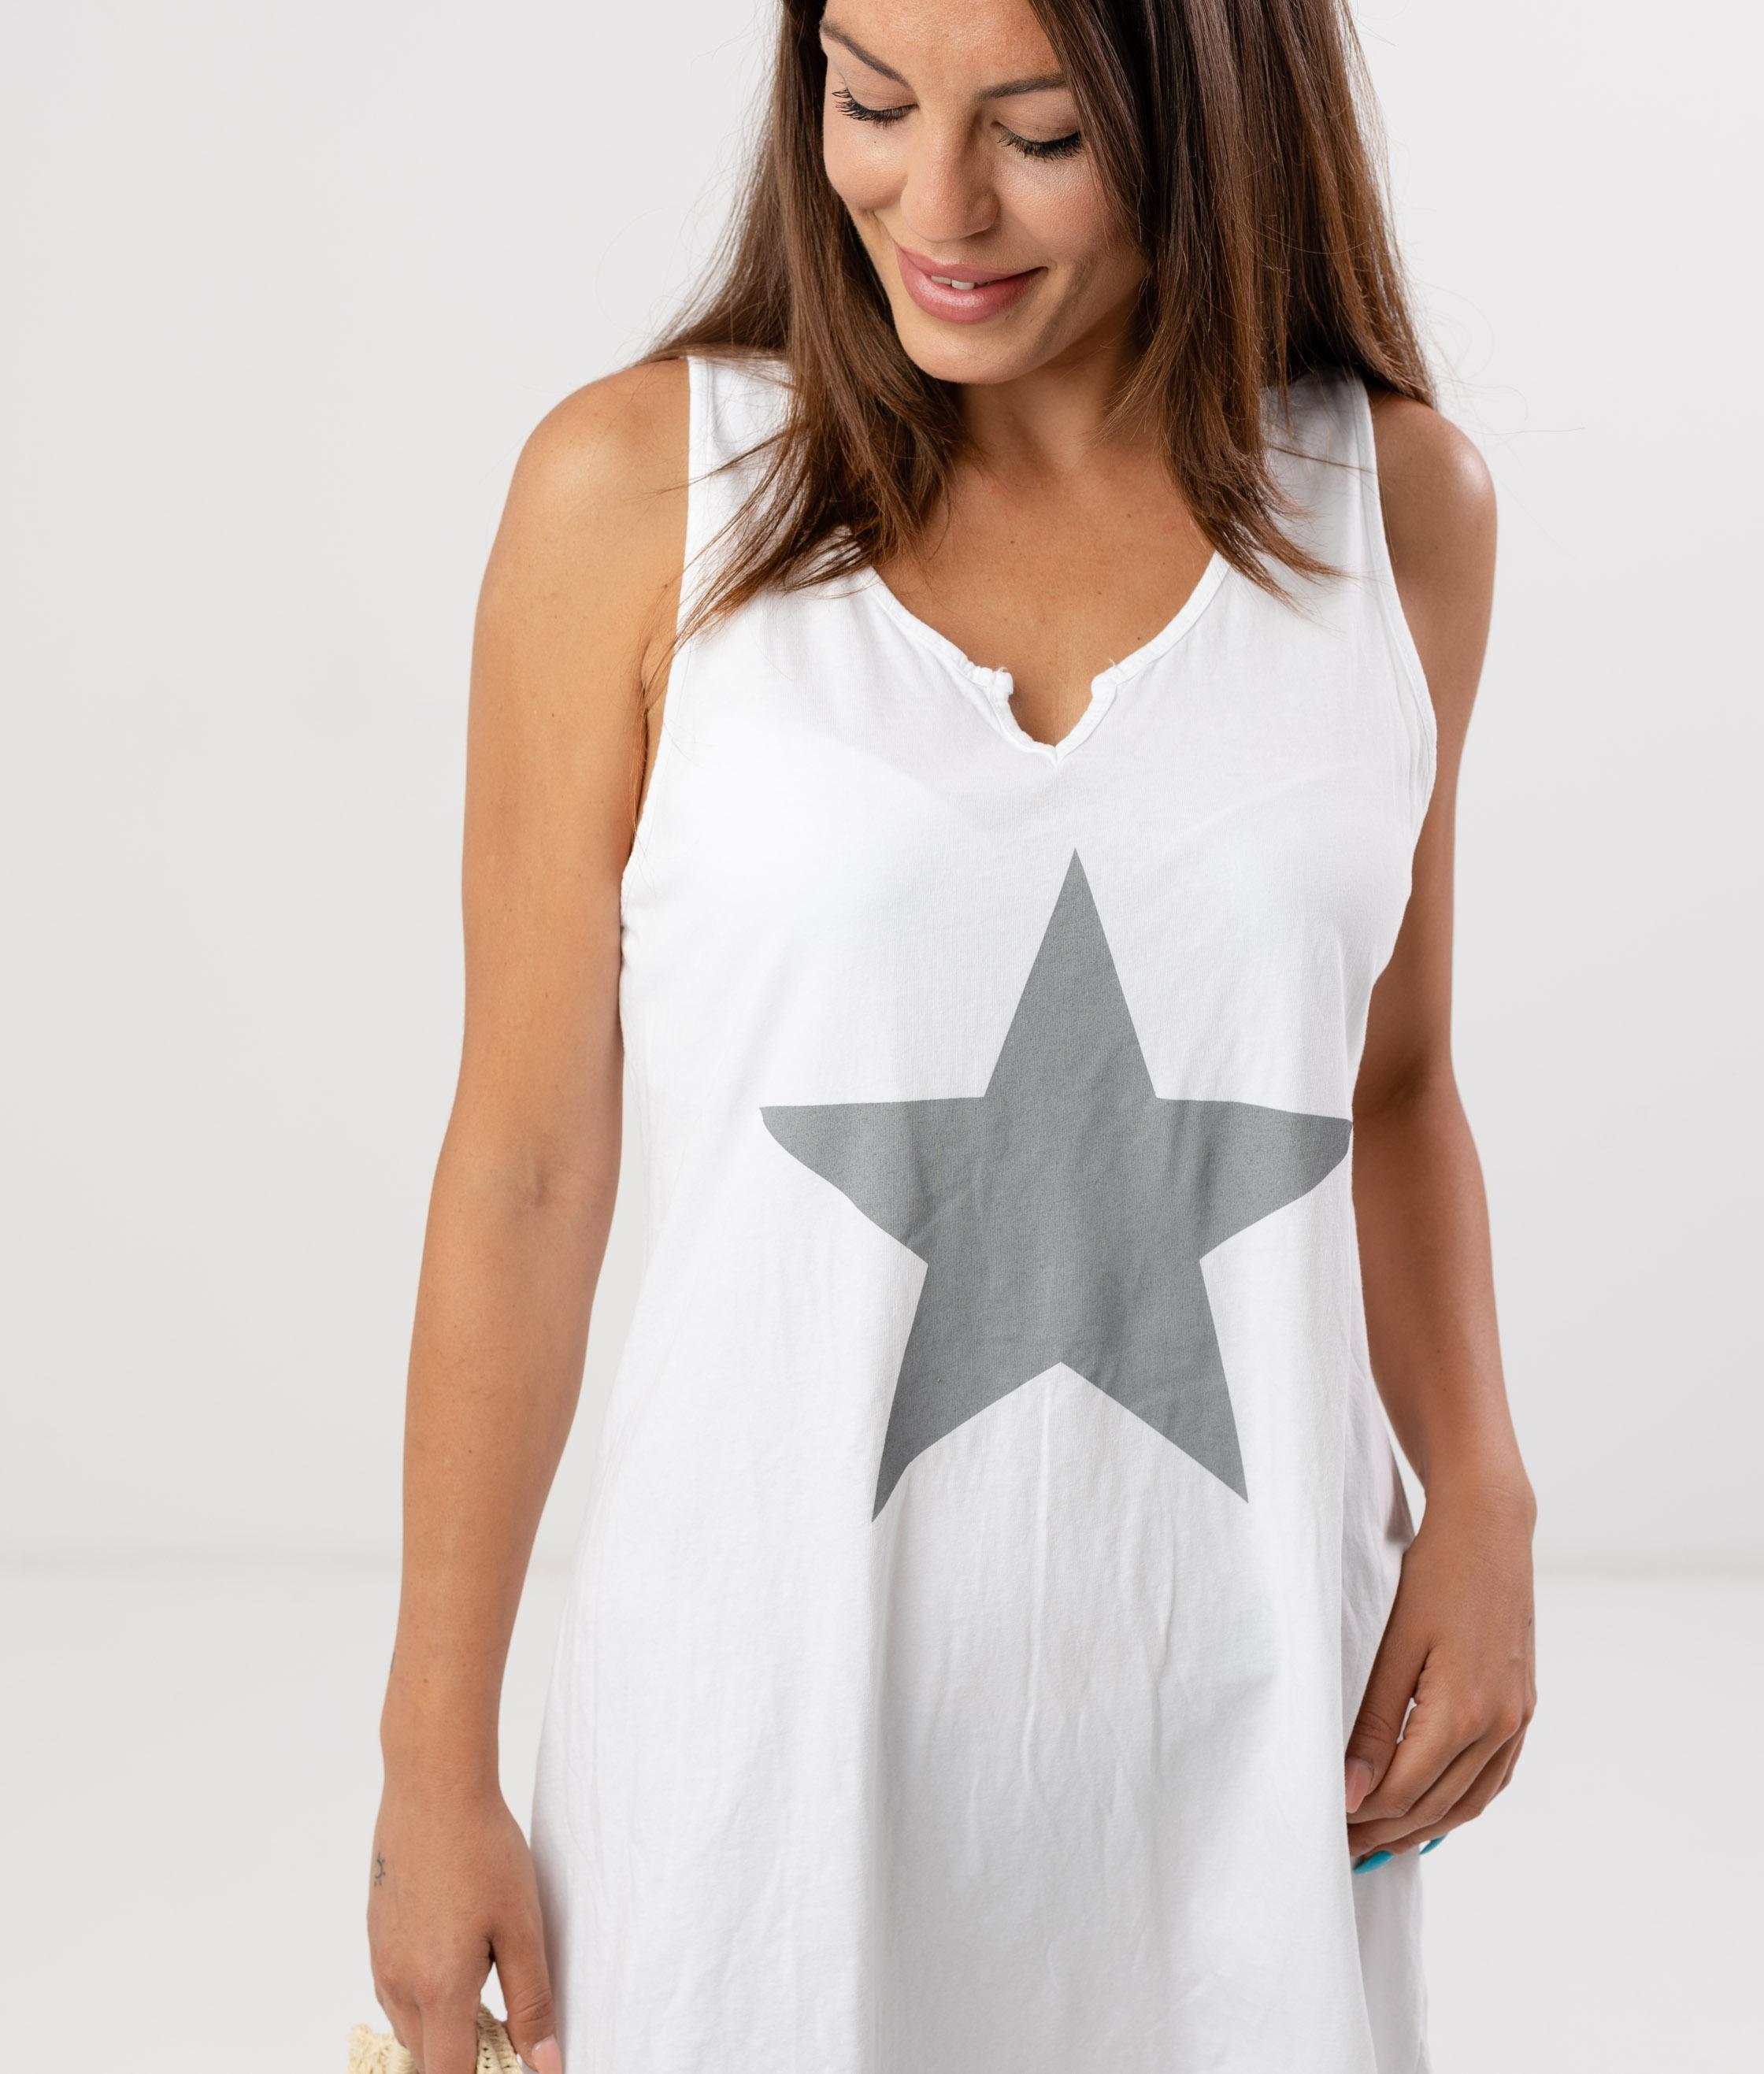 MENDRE DRESS - WHITE